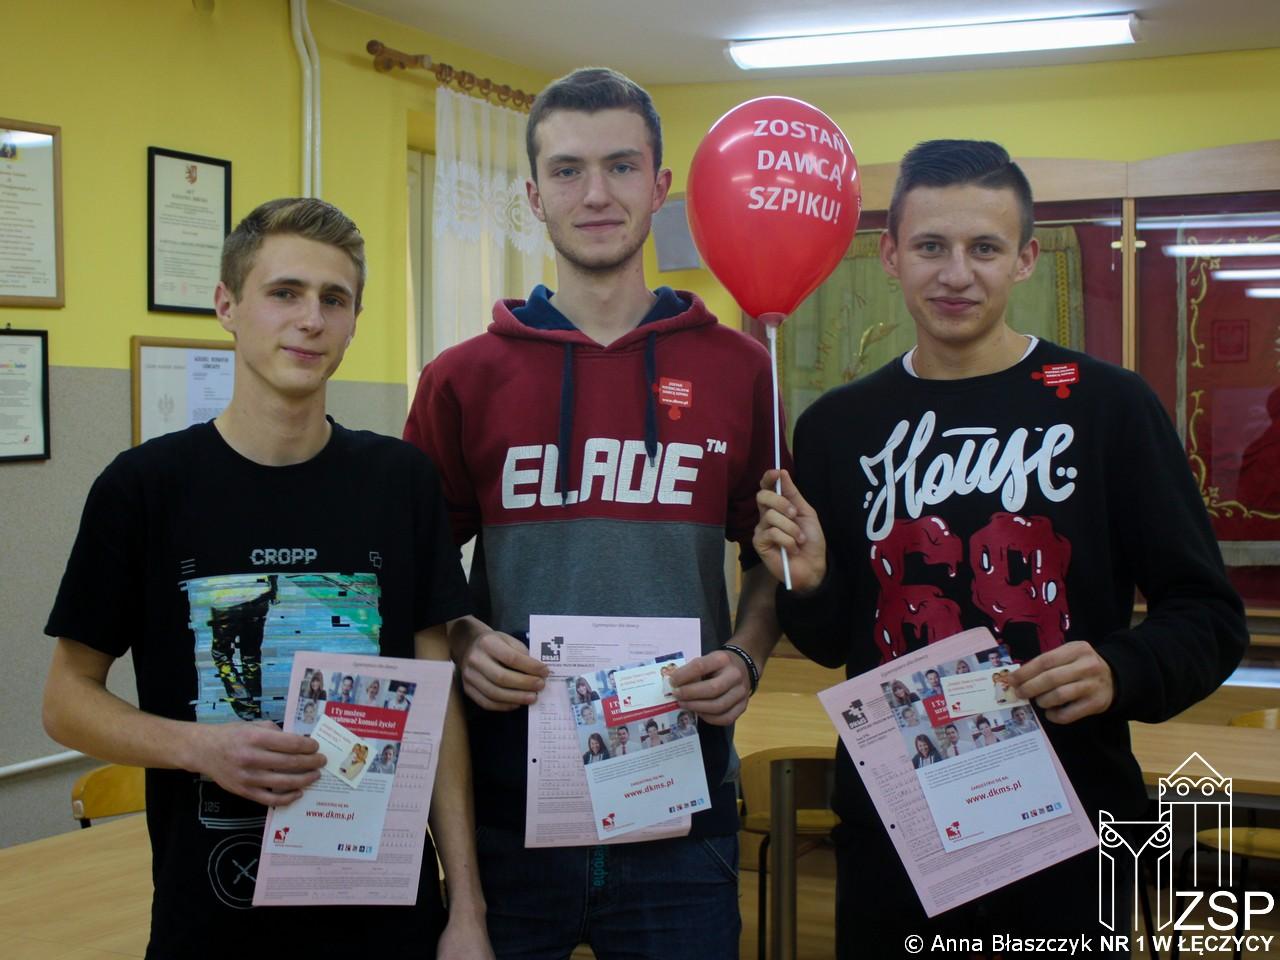 Dzień dawcy szpiku w ZSP nr 1 w Łęczycy - Zdjęcie główne